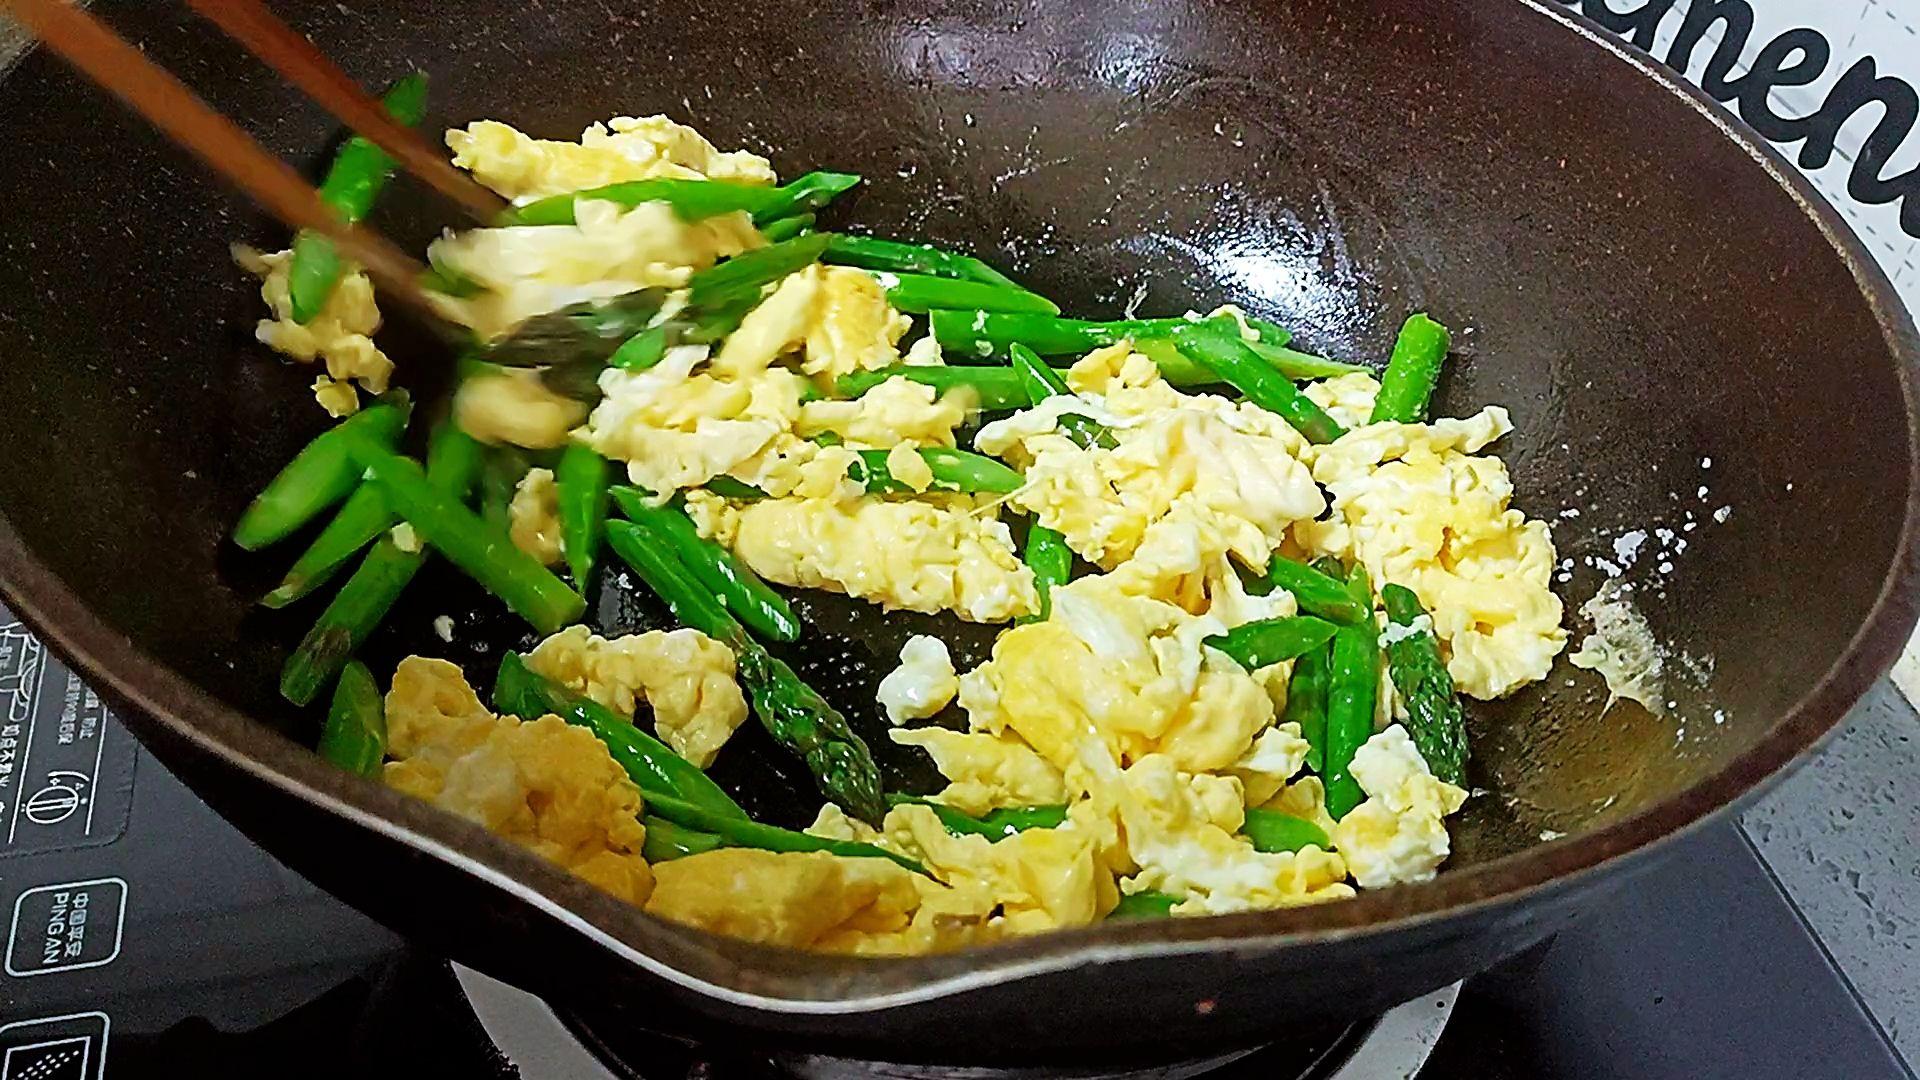 春天的芦笋很是清甜,不要过多调味品,就可以吃出它的美味,春天的芦笋很是清甜,不要过多调味品,就可以吃出它的美味的家常做法